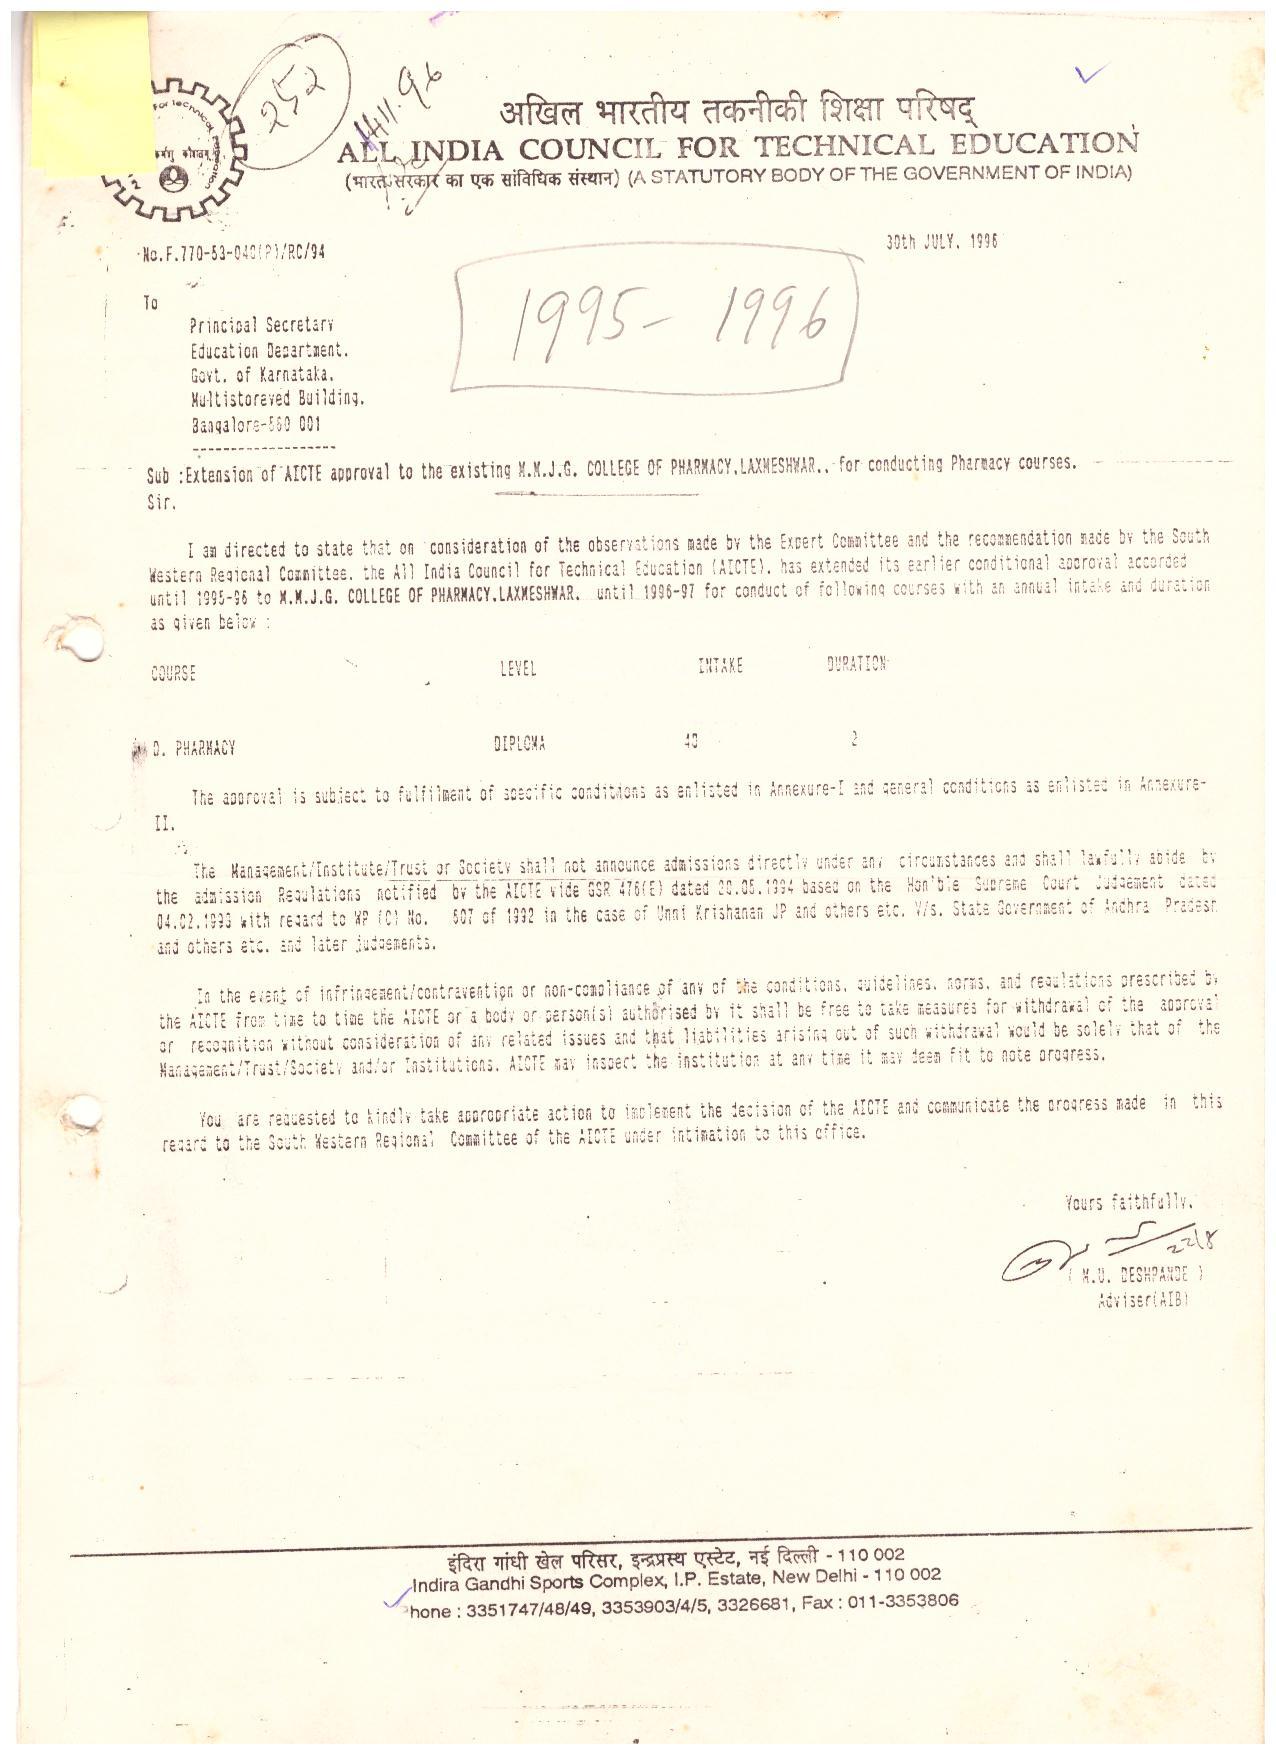 AICTE Approval Copy 1995-96 (1)